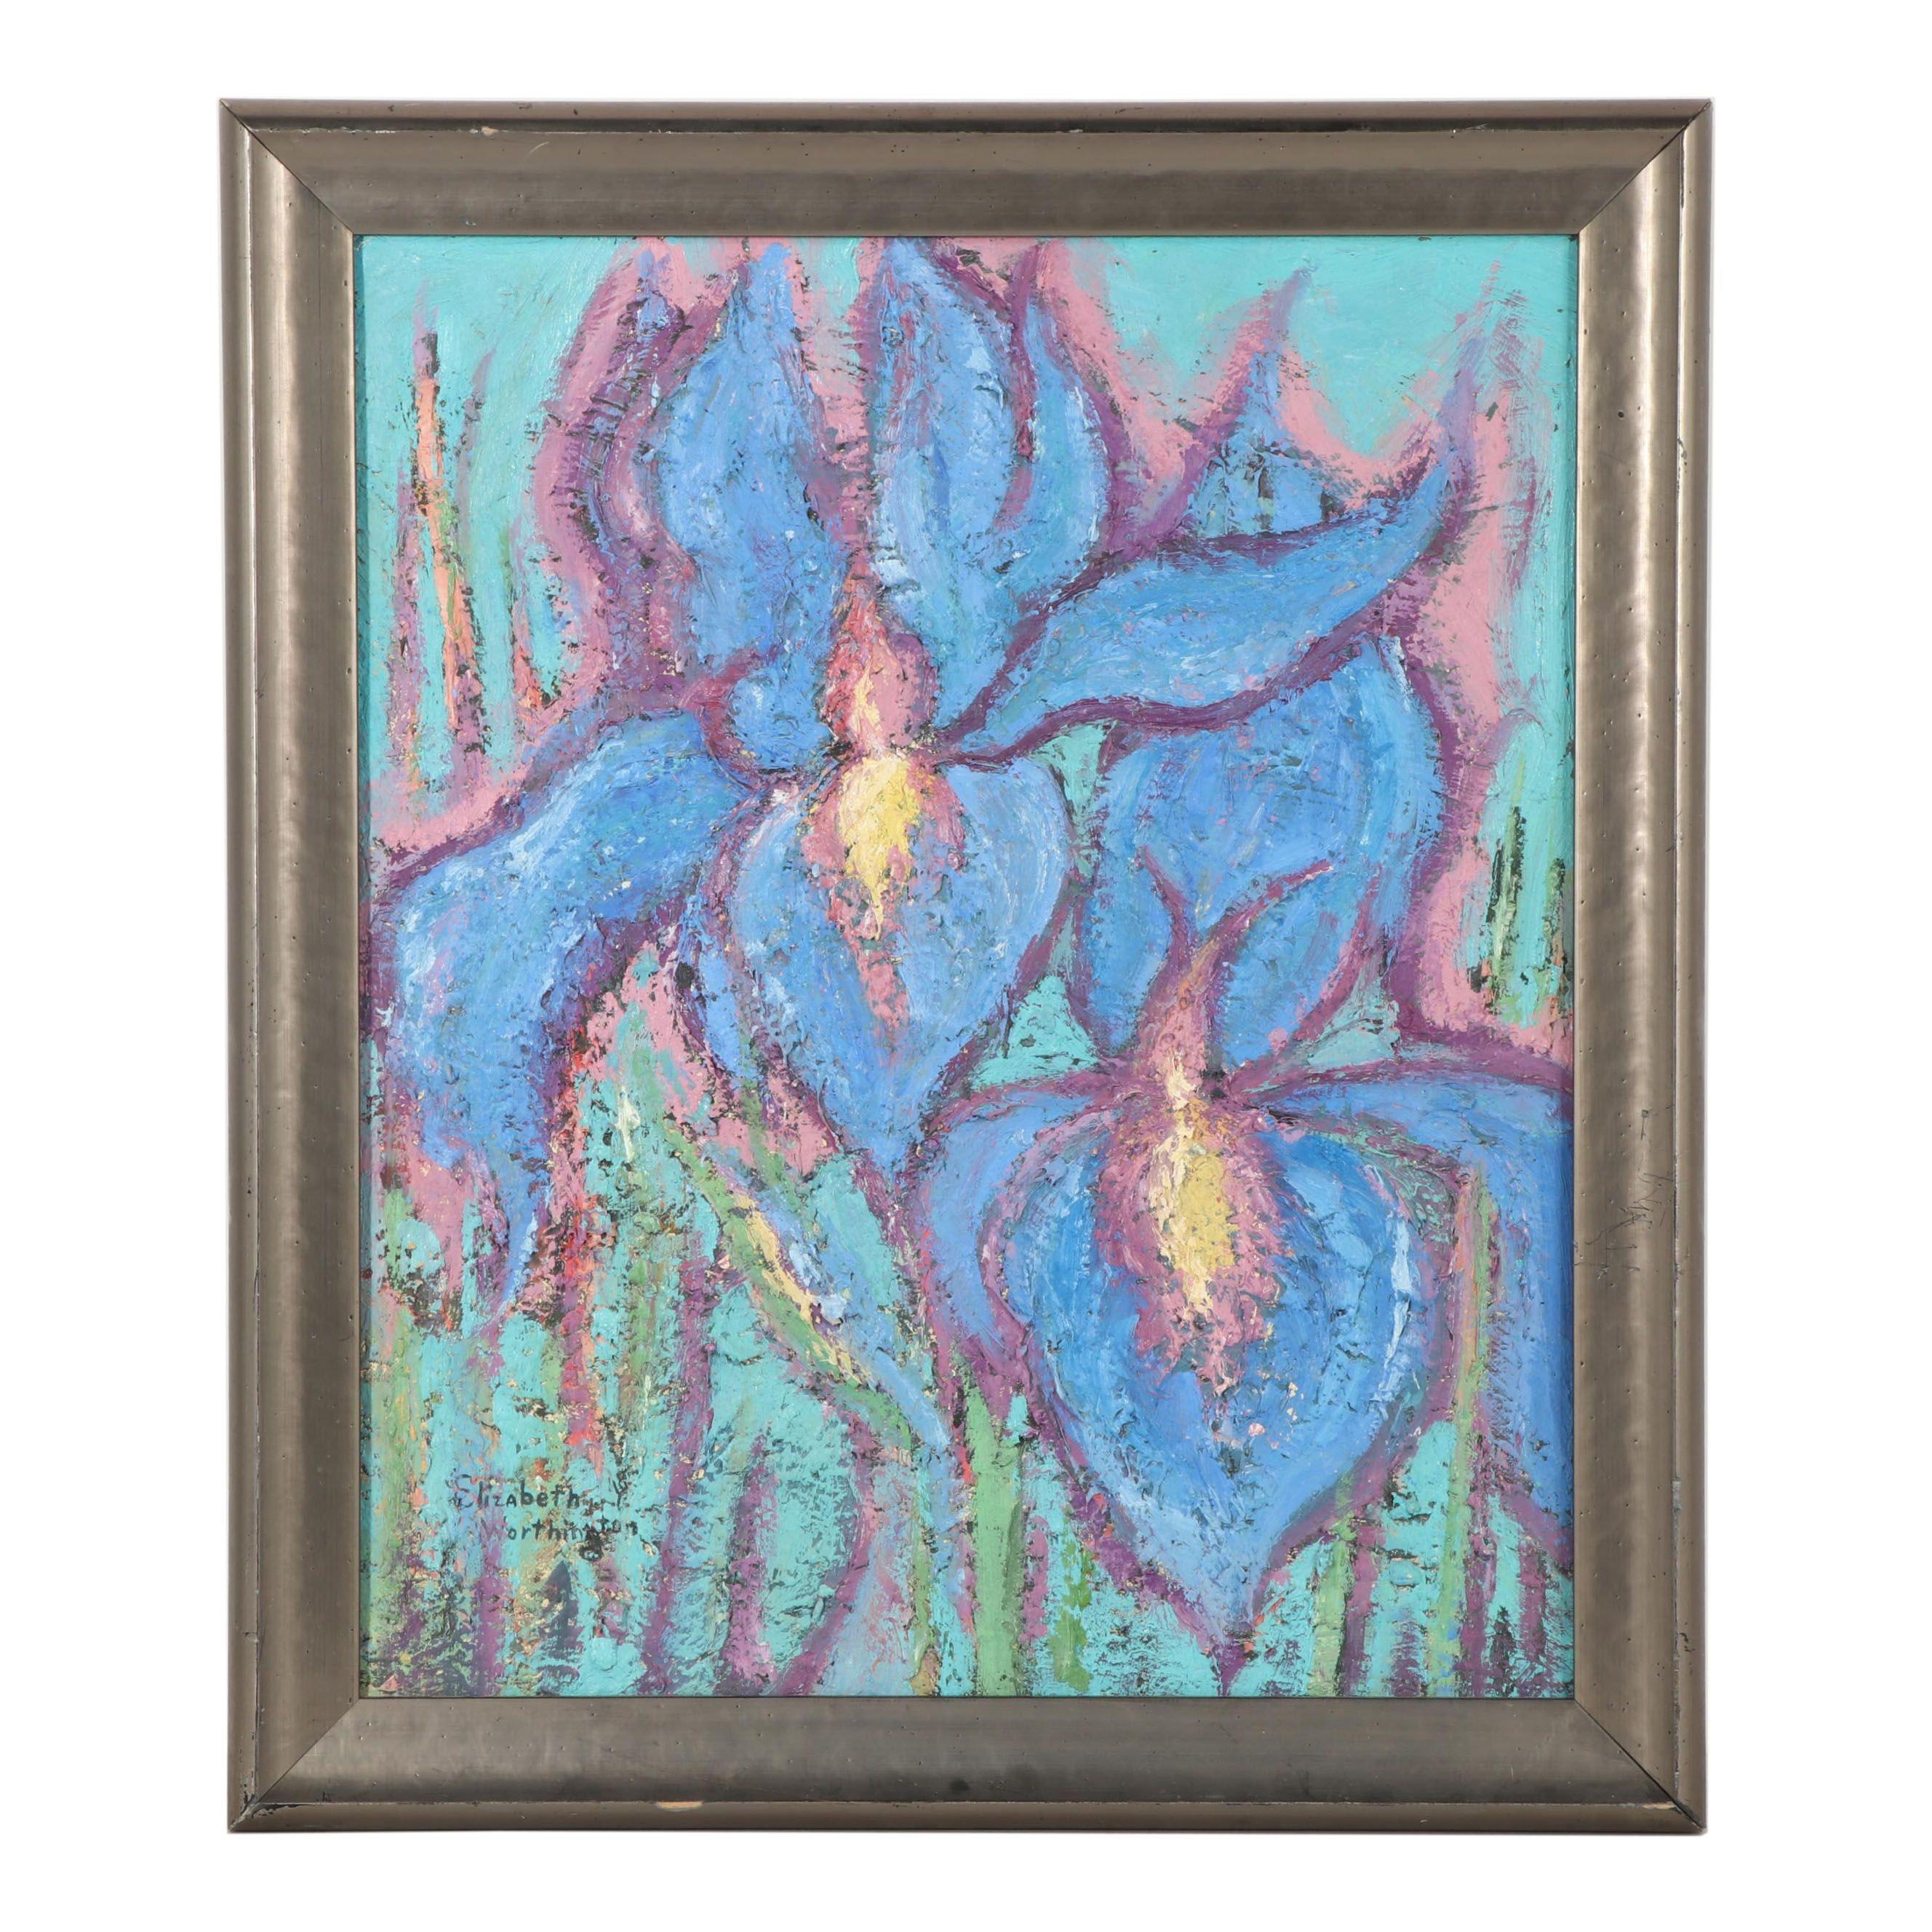 Elizabeth Worthington Oil Painting of Irises